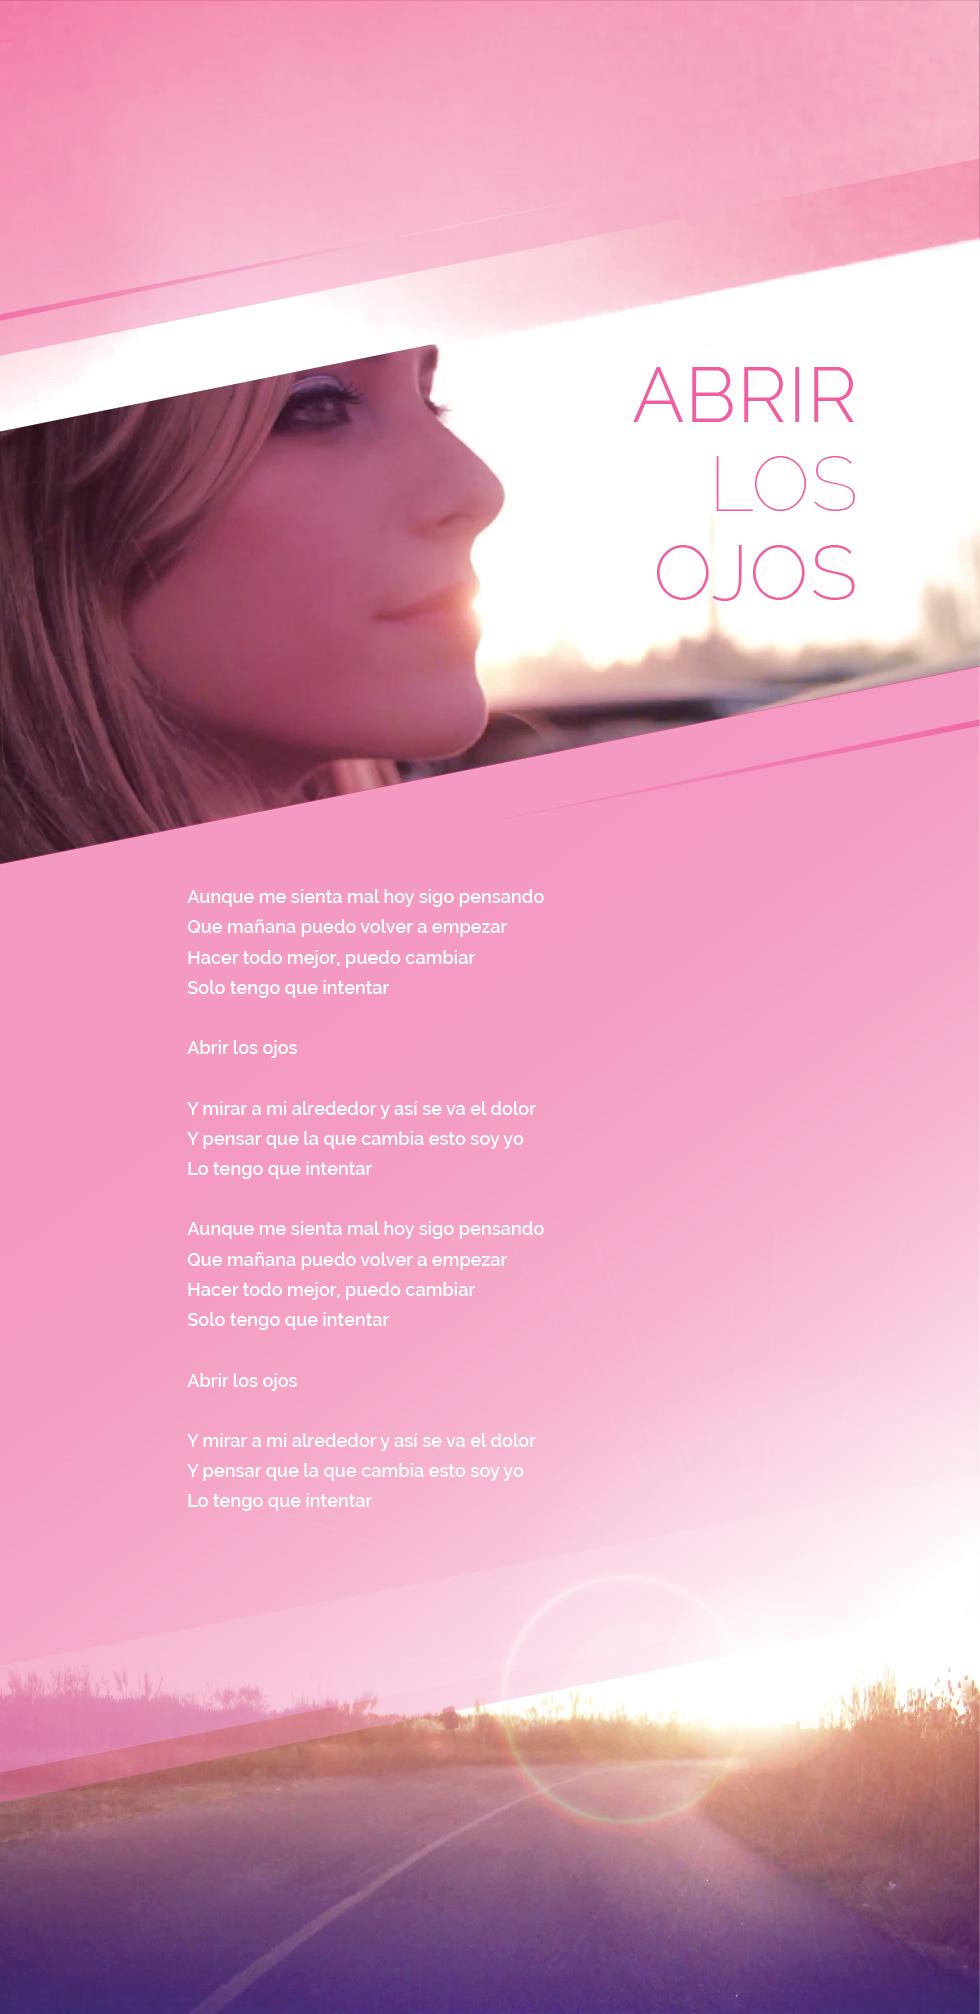 Olivia_Viggiano-Abrir_los_ojos.jpg